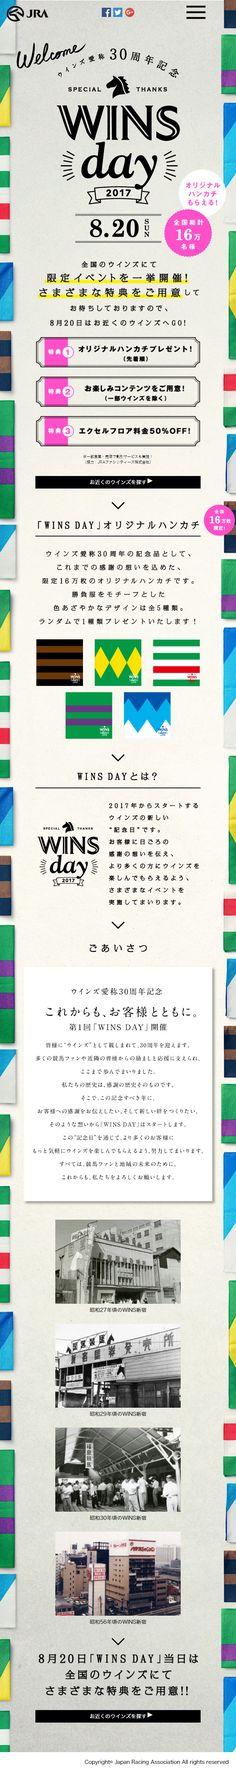 WINS day|WEBデザイナーさん必見!スマホランディングページのデザイン参考に(かわいい系)